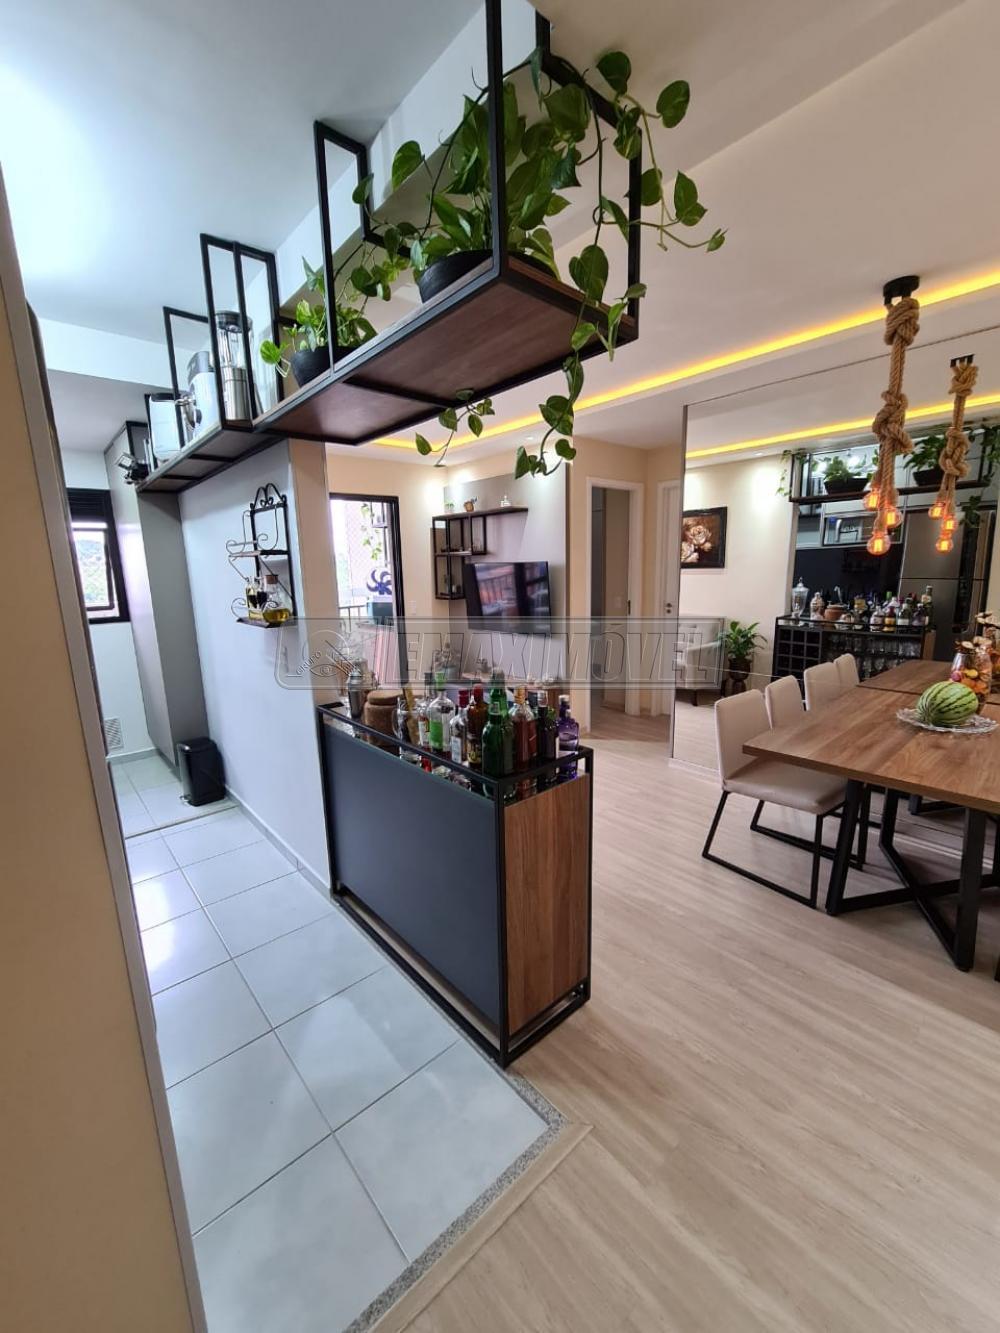 Comprar Apartamentos / Apto Padrão em Sorocaba R$ 350.000,00 - Foto 1